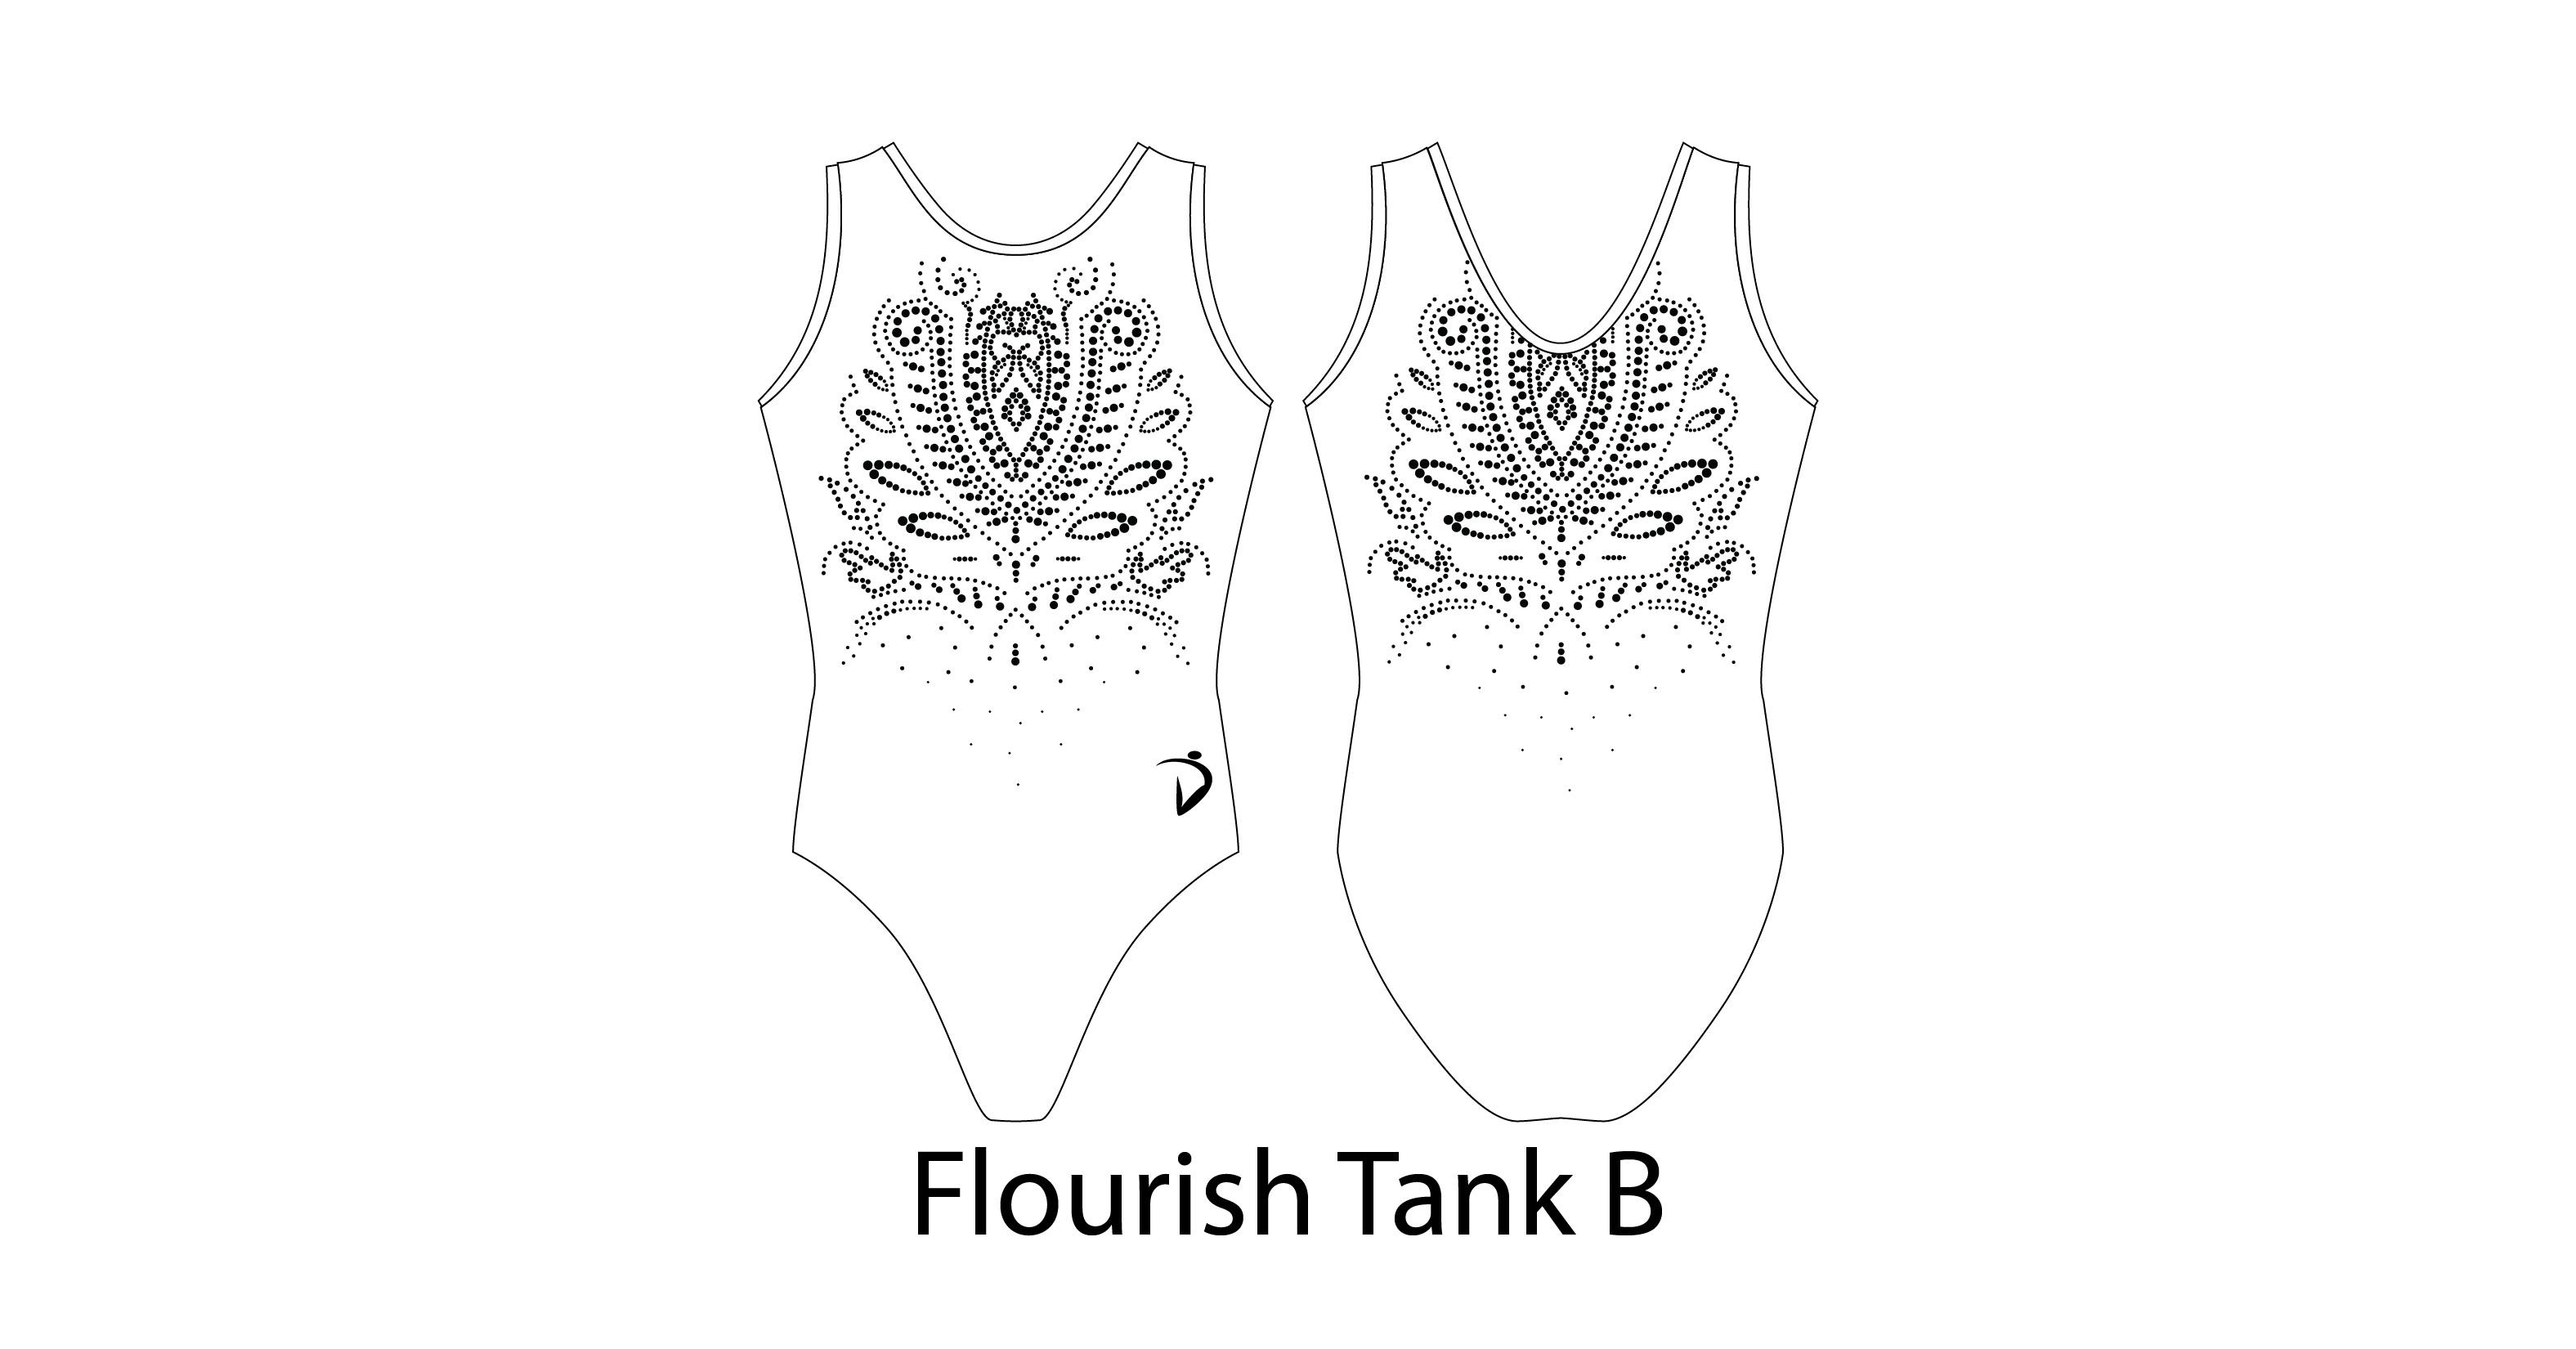 Flourish Tank B